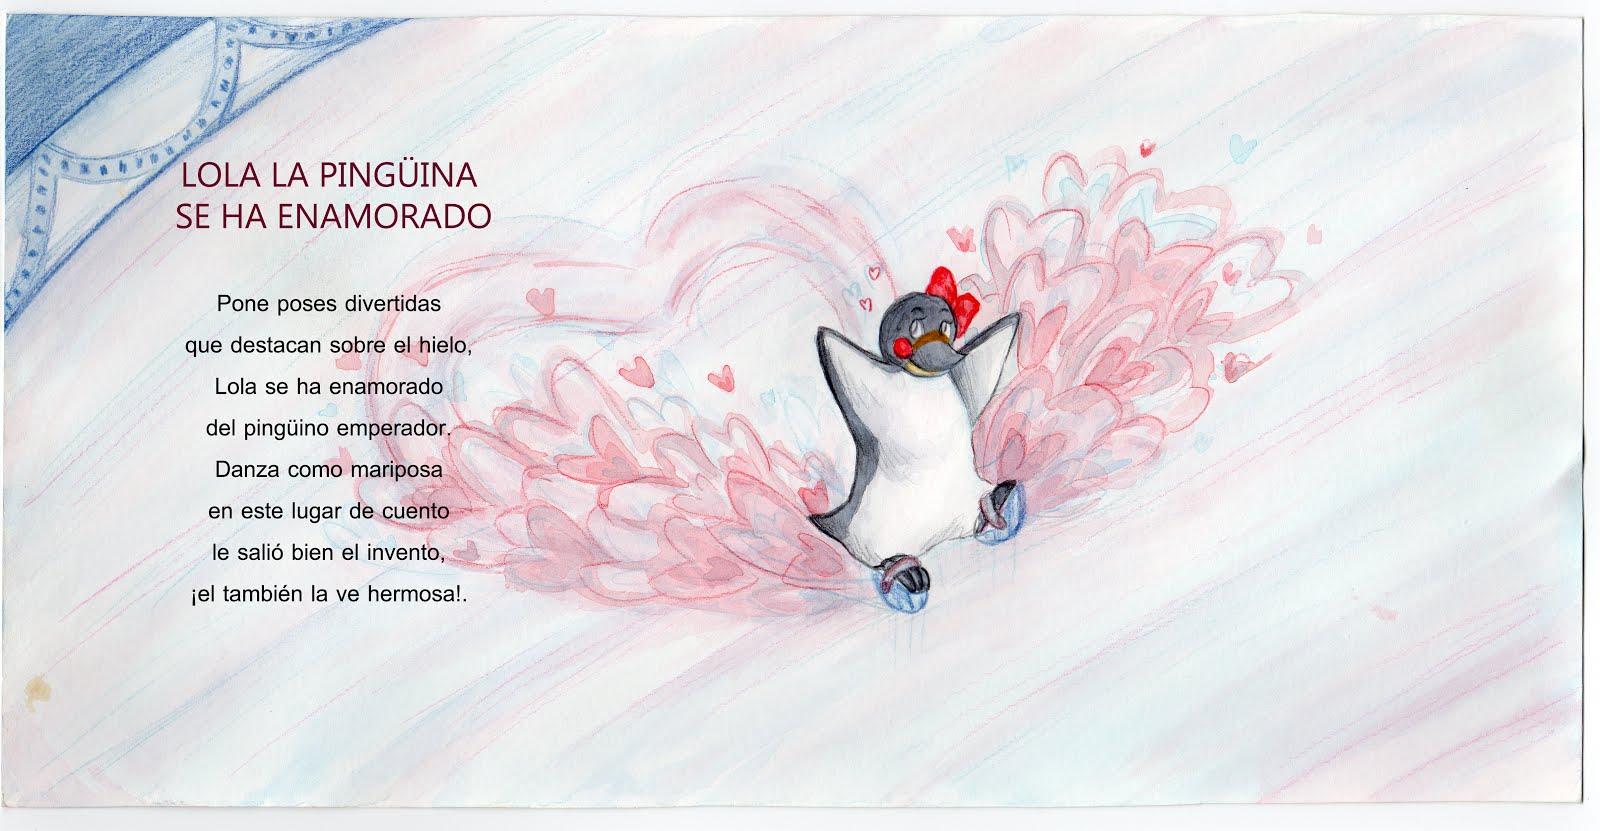 Una pingùina en la China: Lo que está por venir